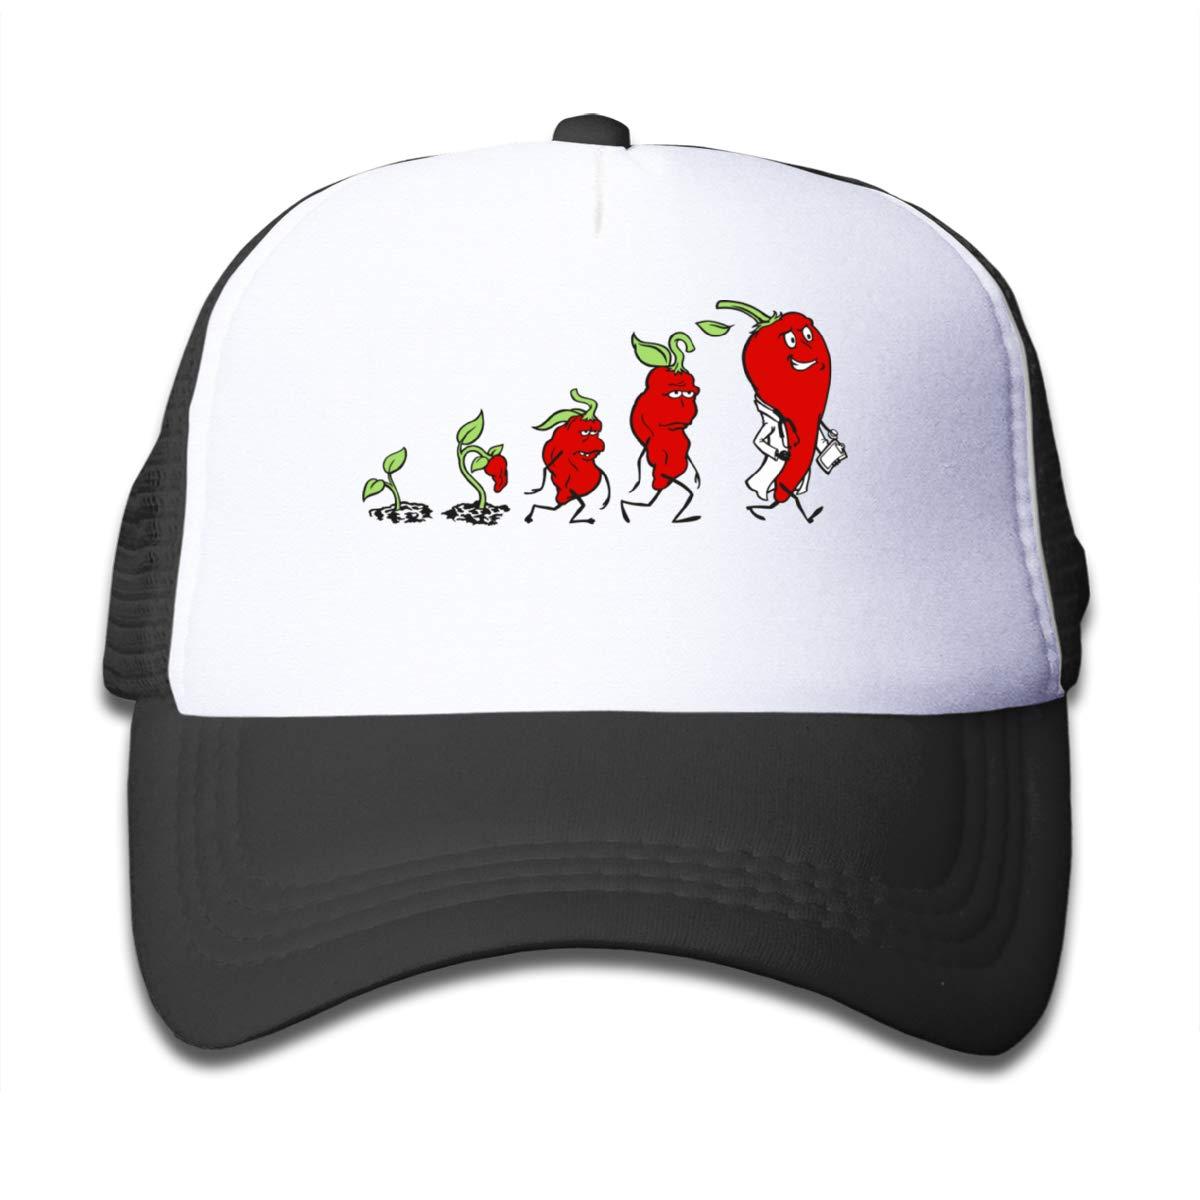 Cute Chili Pepper Evolution Sun Mesh Back Cap Trucker Baseball Hats Girls Black